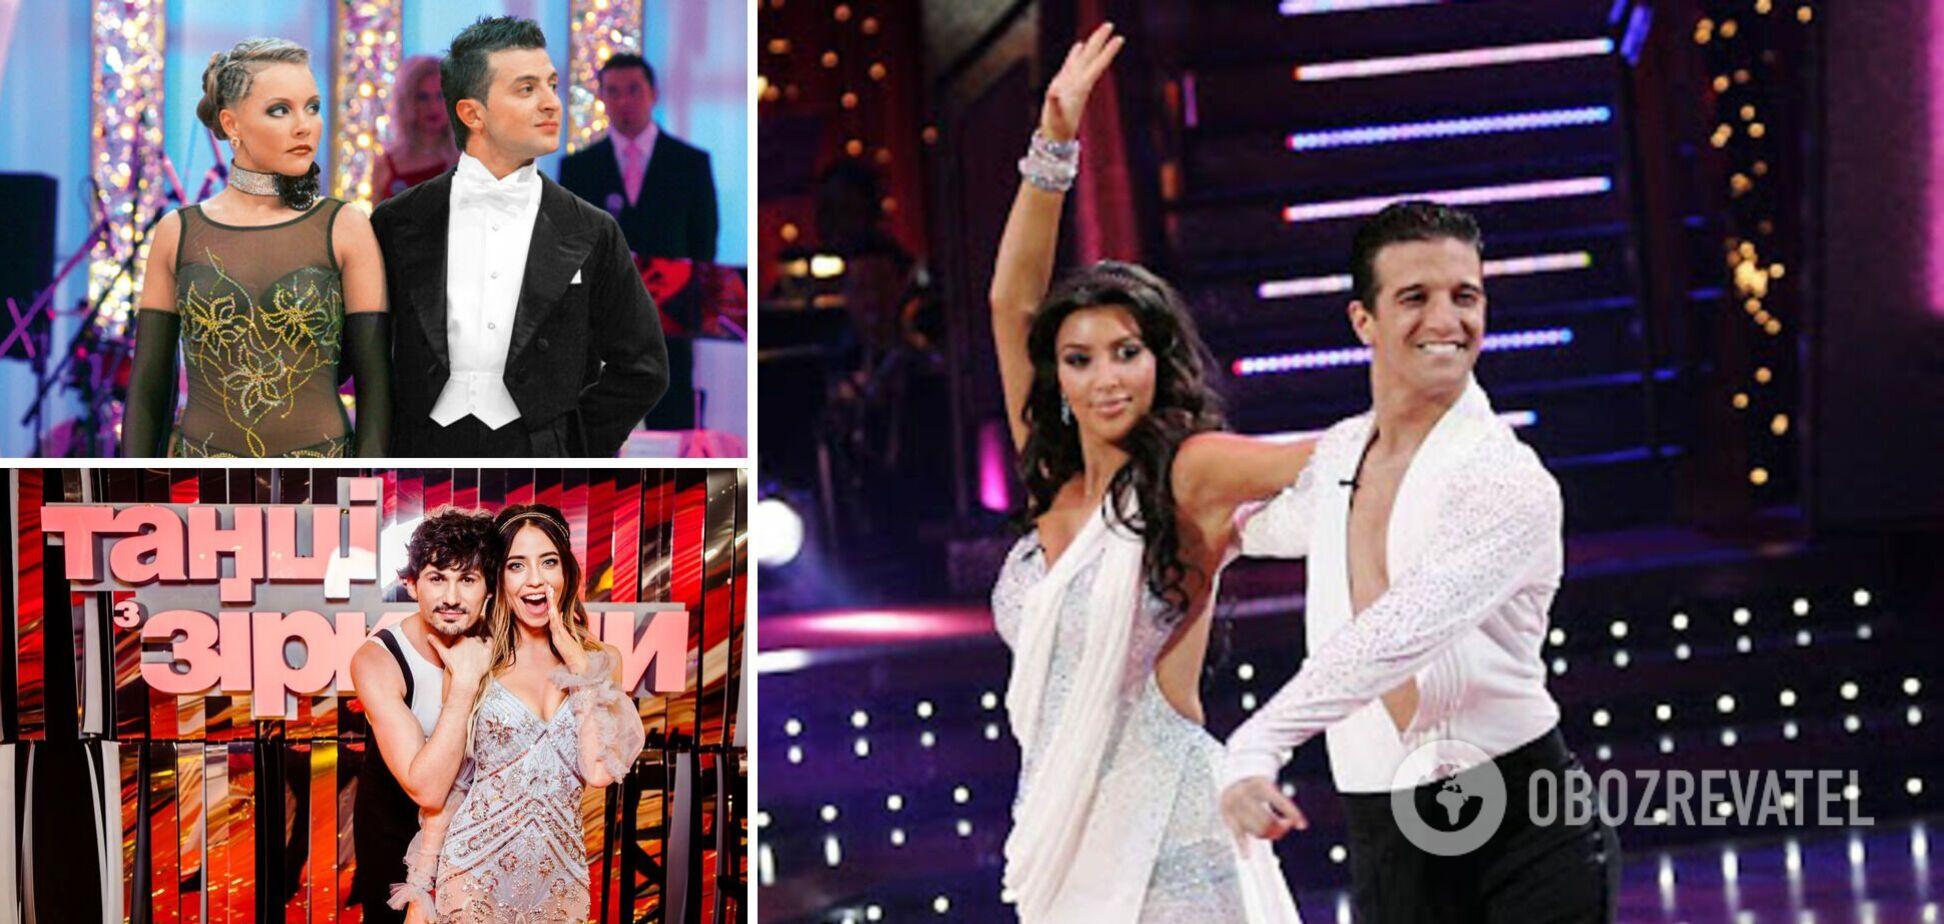 Каждый эпизод 'Танцев со звездами' просматривали миллионы зрителей